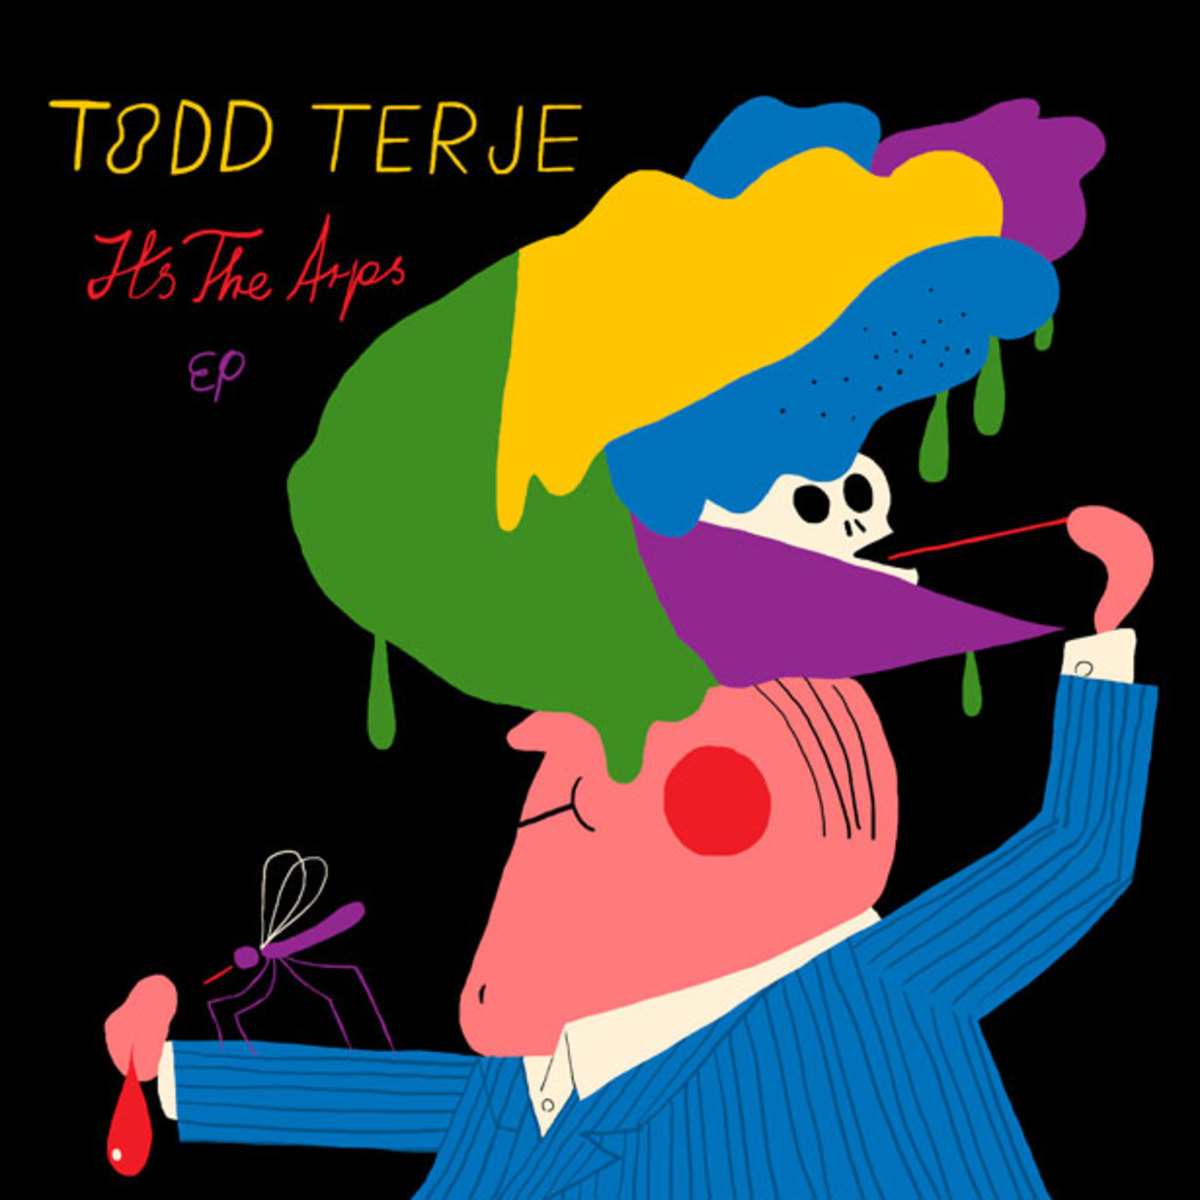 Todd-Terje